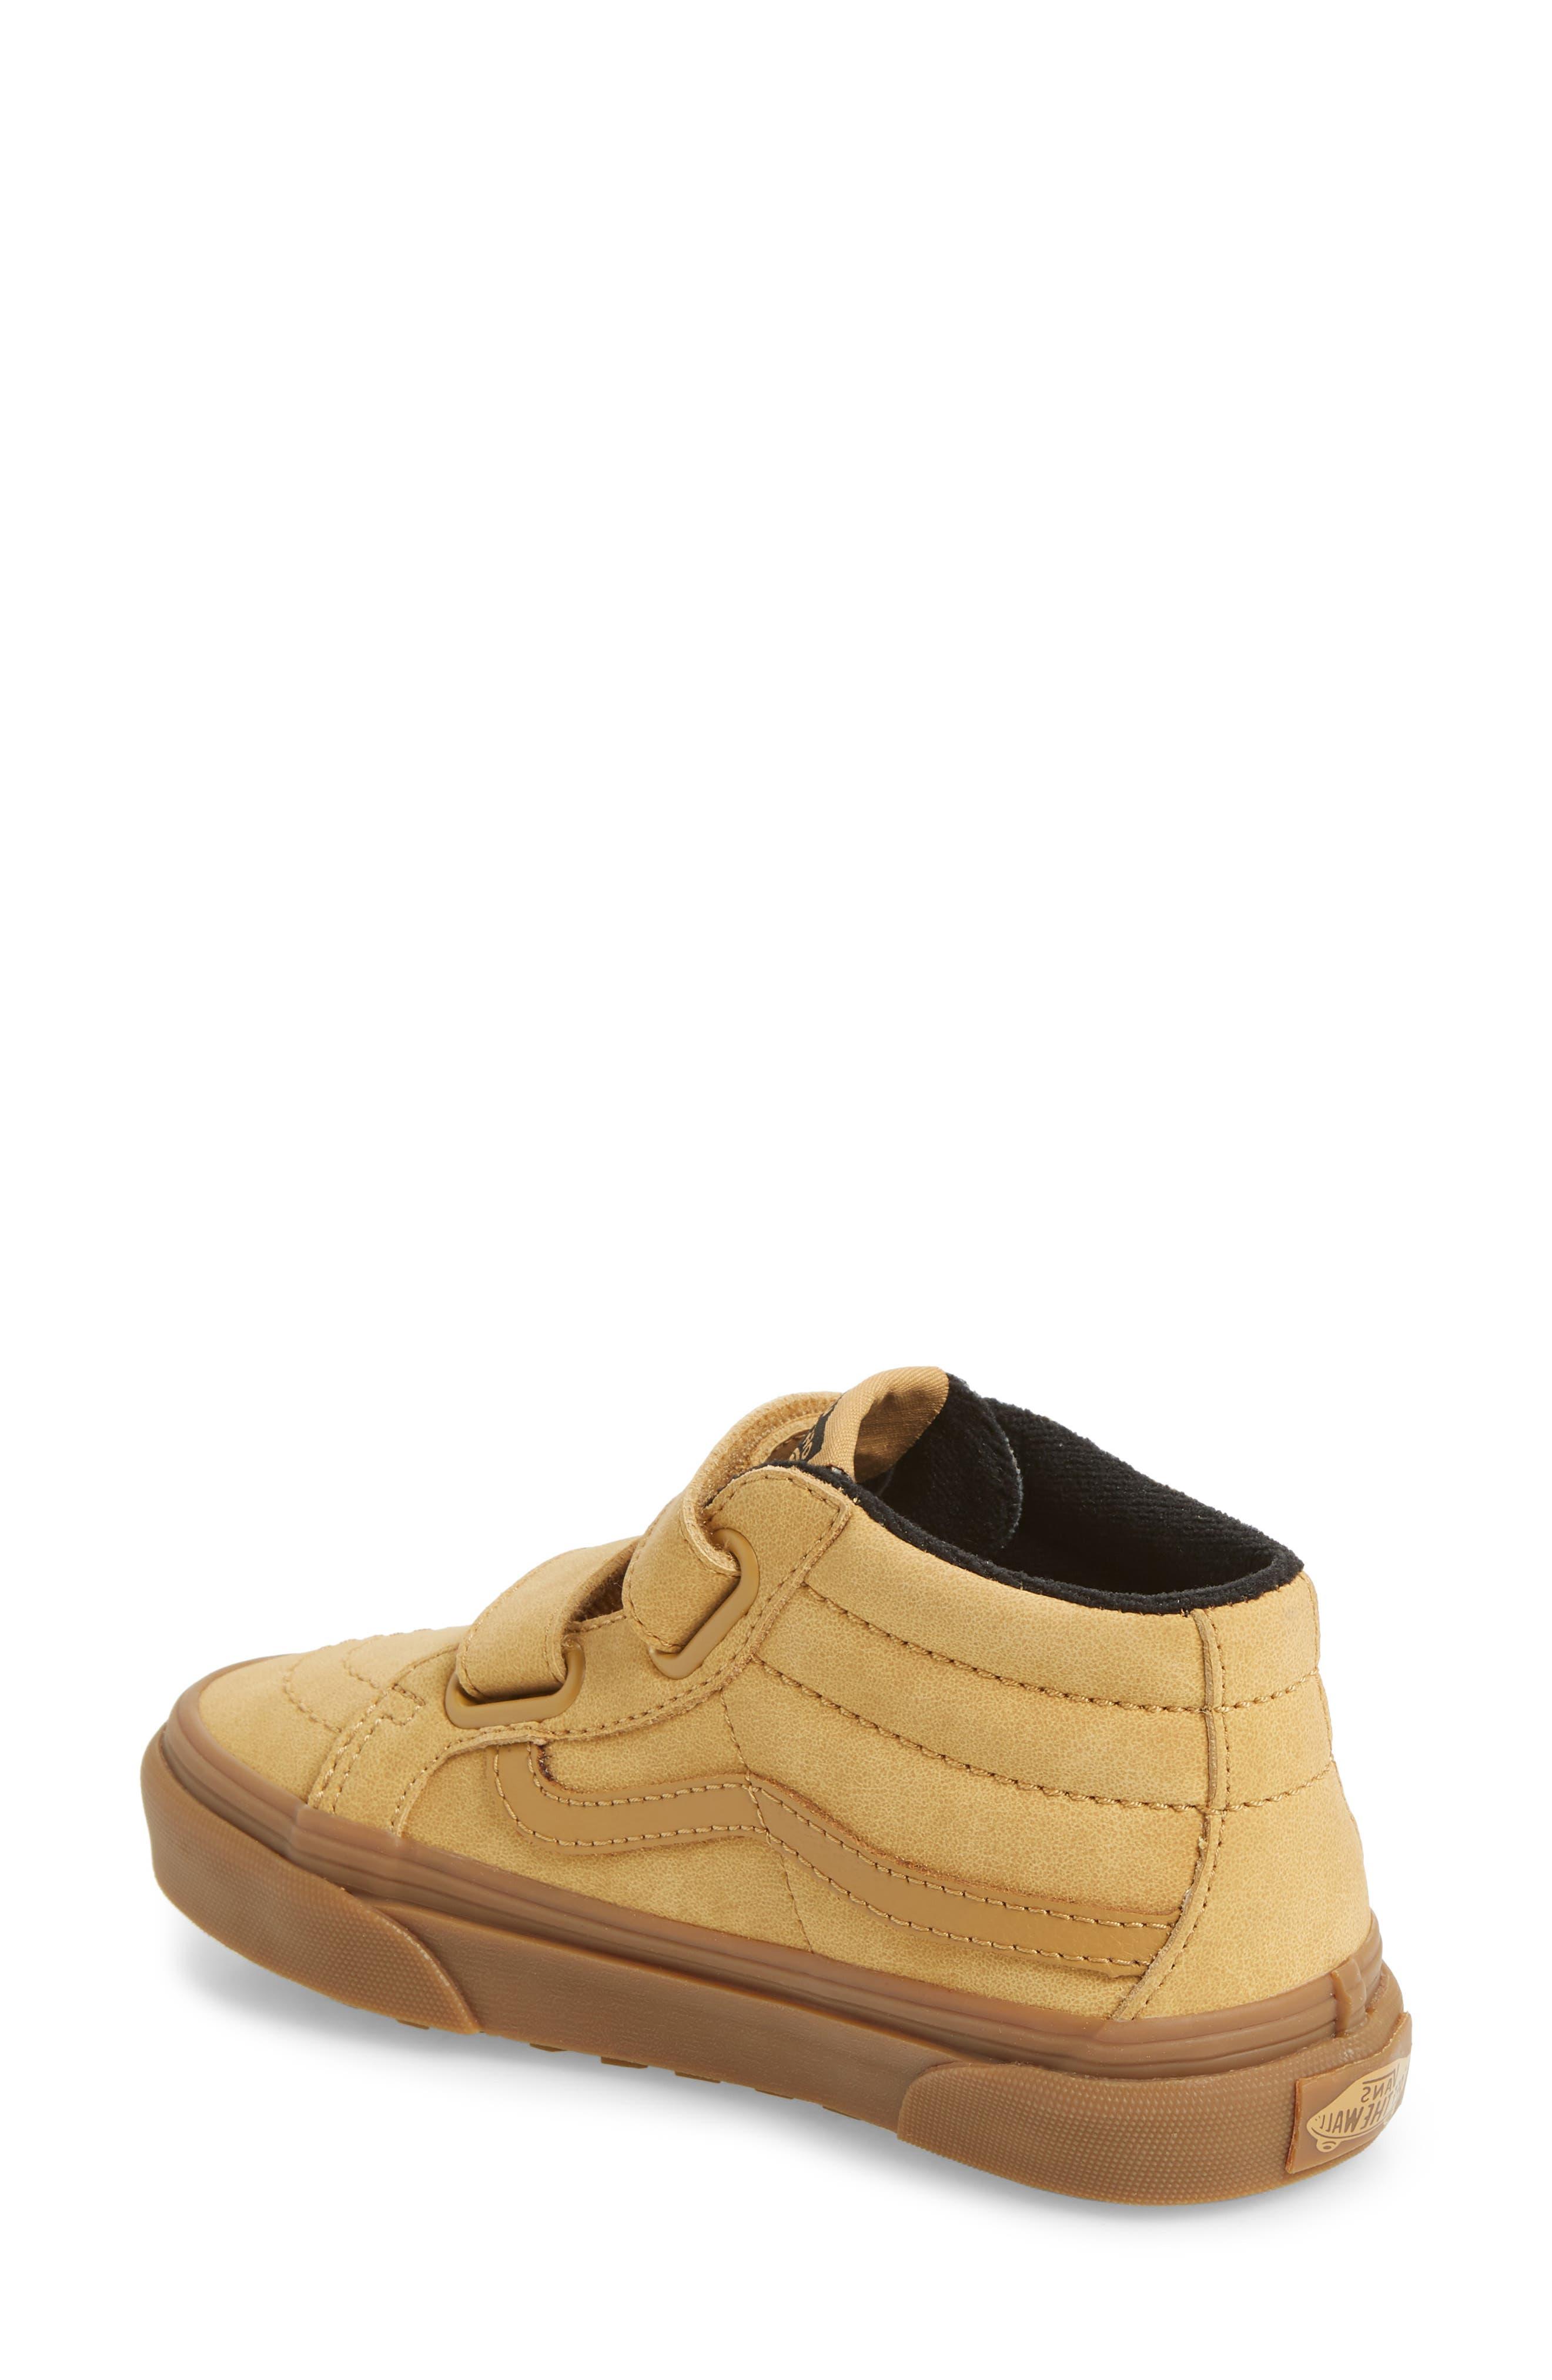 VANS,                             Sk8-Mid Reissue V Sneaker,                             Alternate thumbnail 2, color,                             VANSBUCK/ APPLE CINNAMON